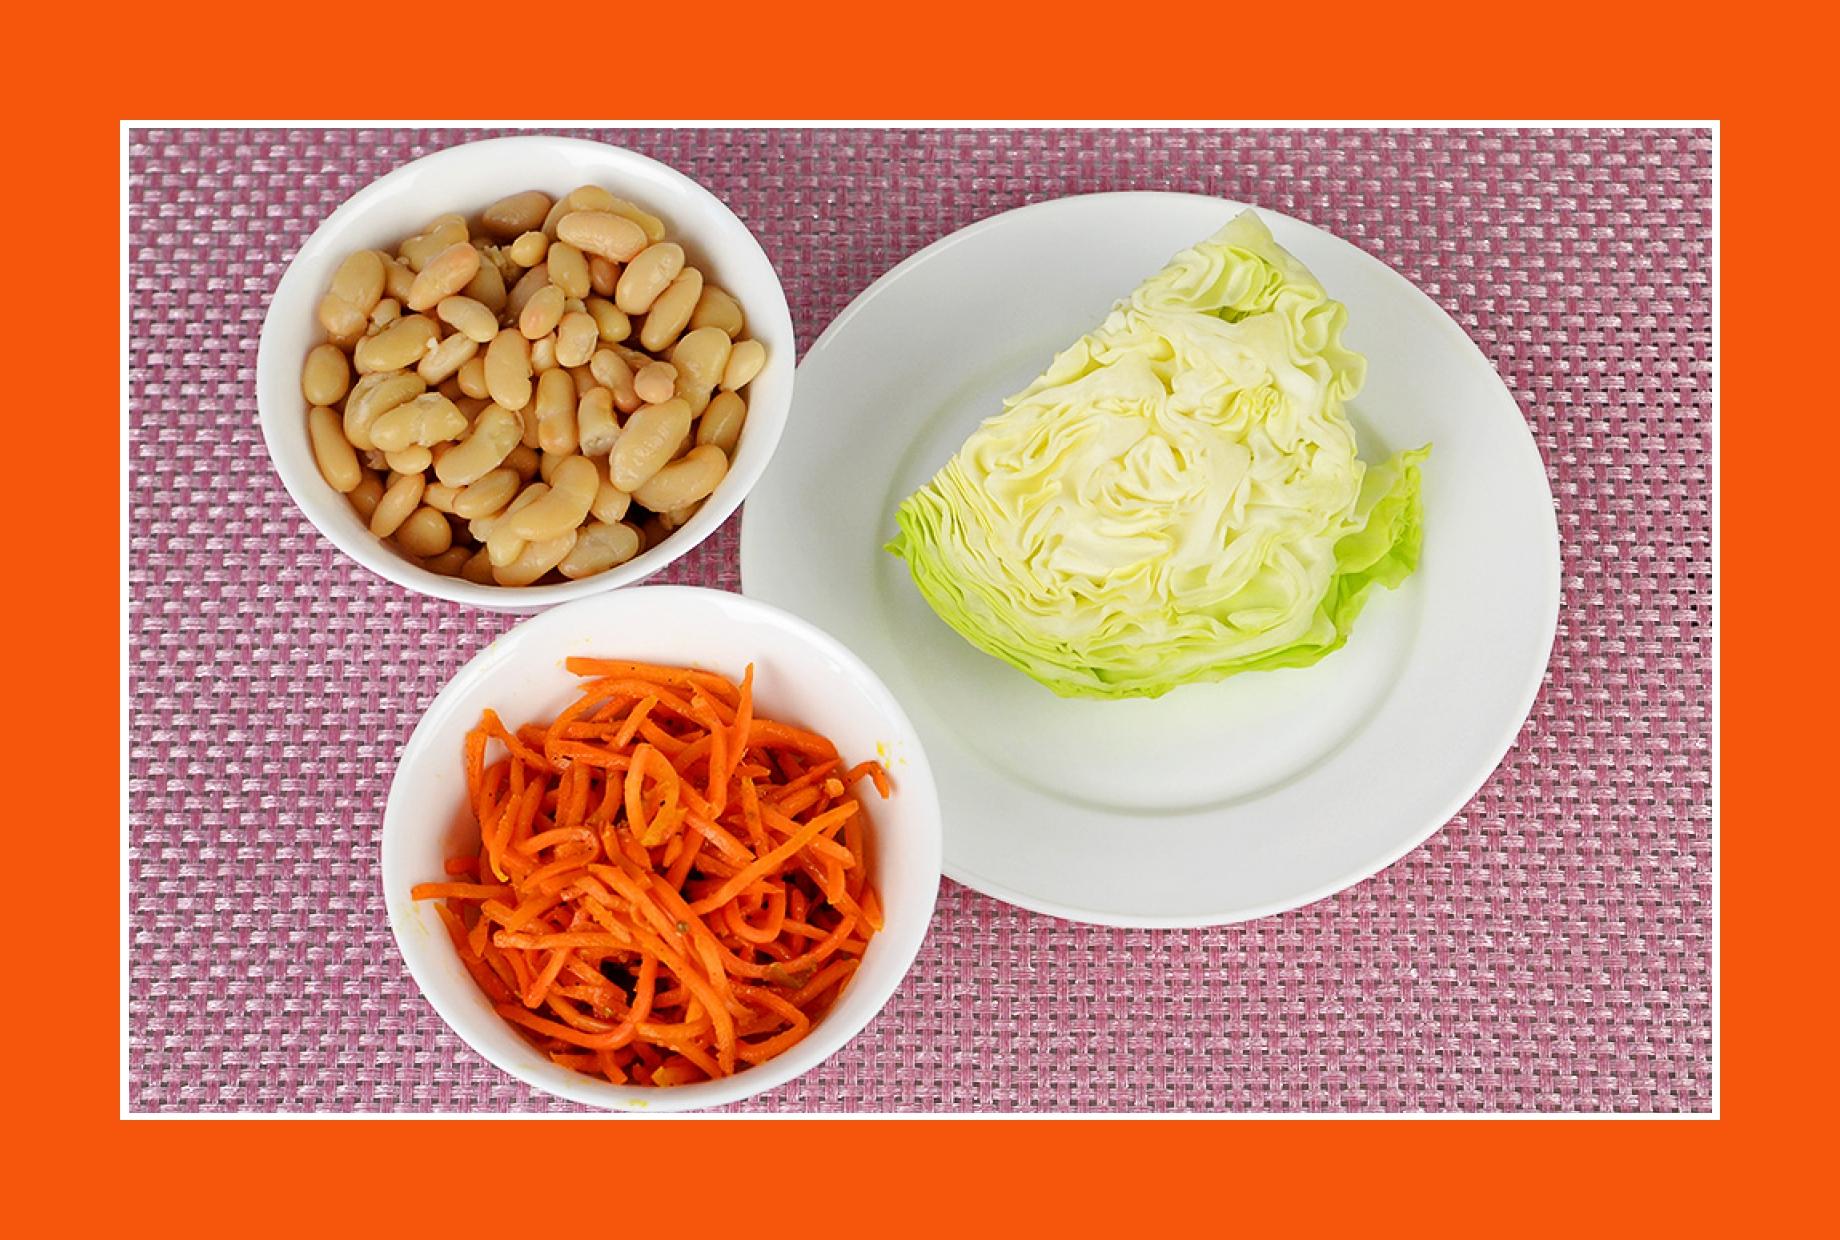 Wintersalate mit Möhren, Bohnen, Weißkraut